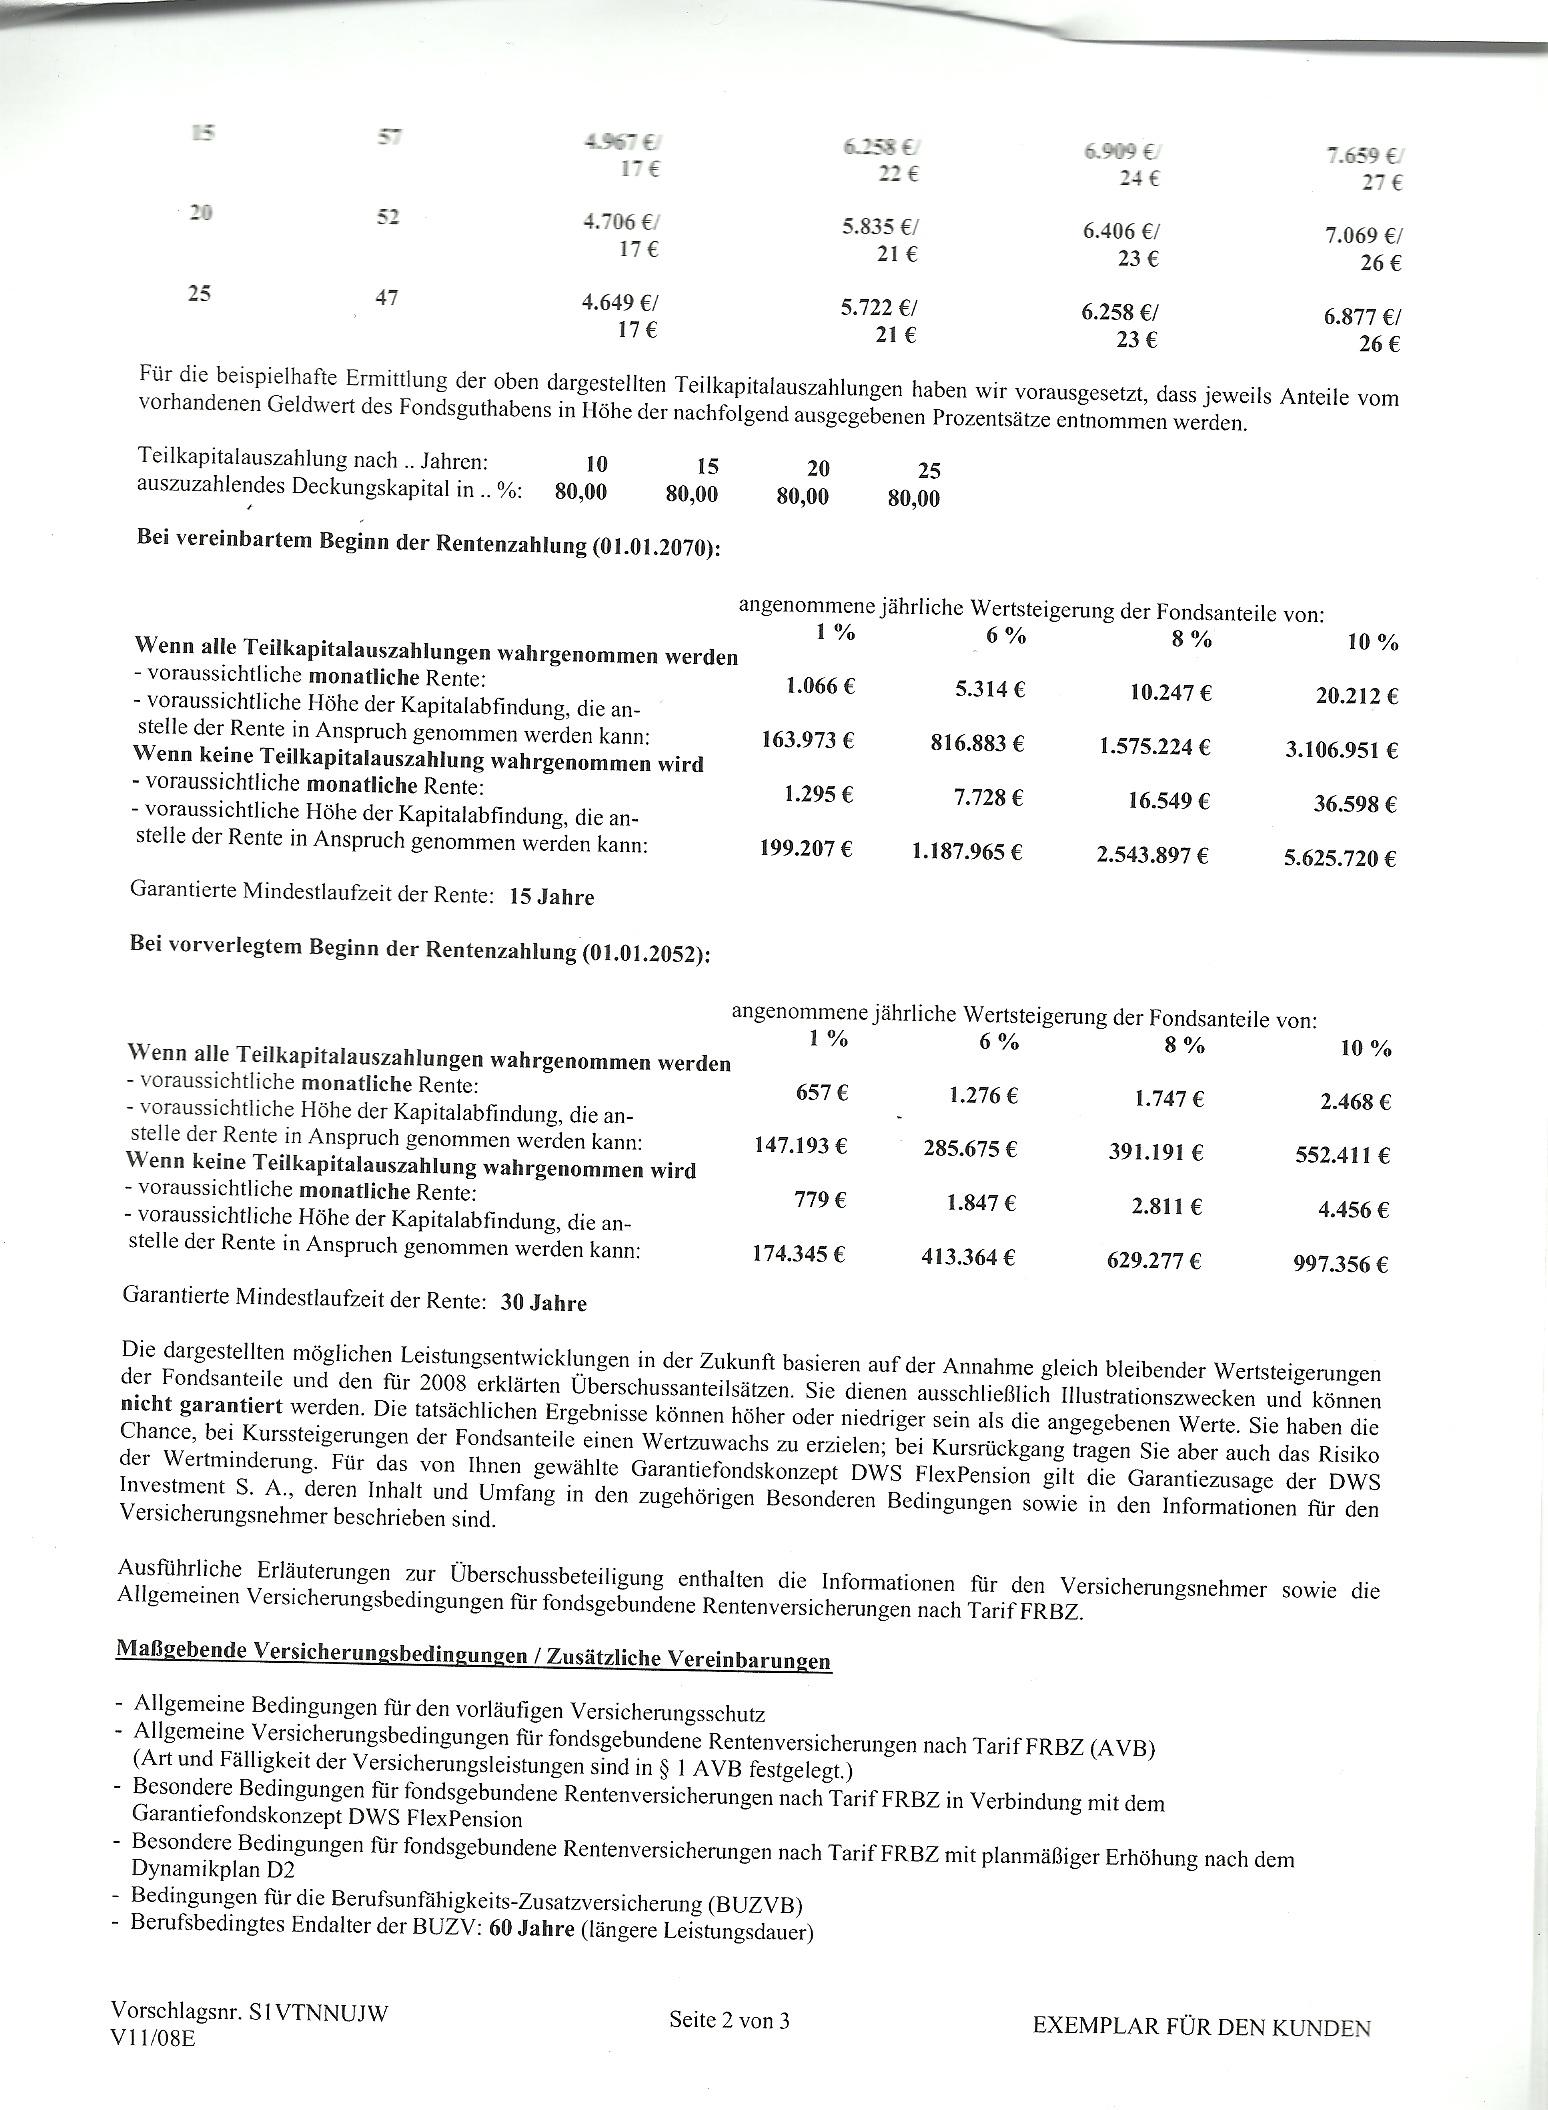 AachenMünchener / DVAG - Die Wunschpolice - Seite 35